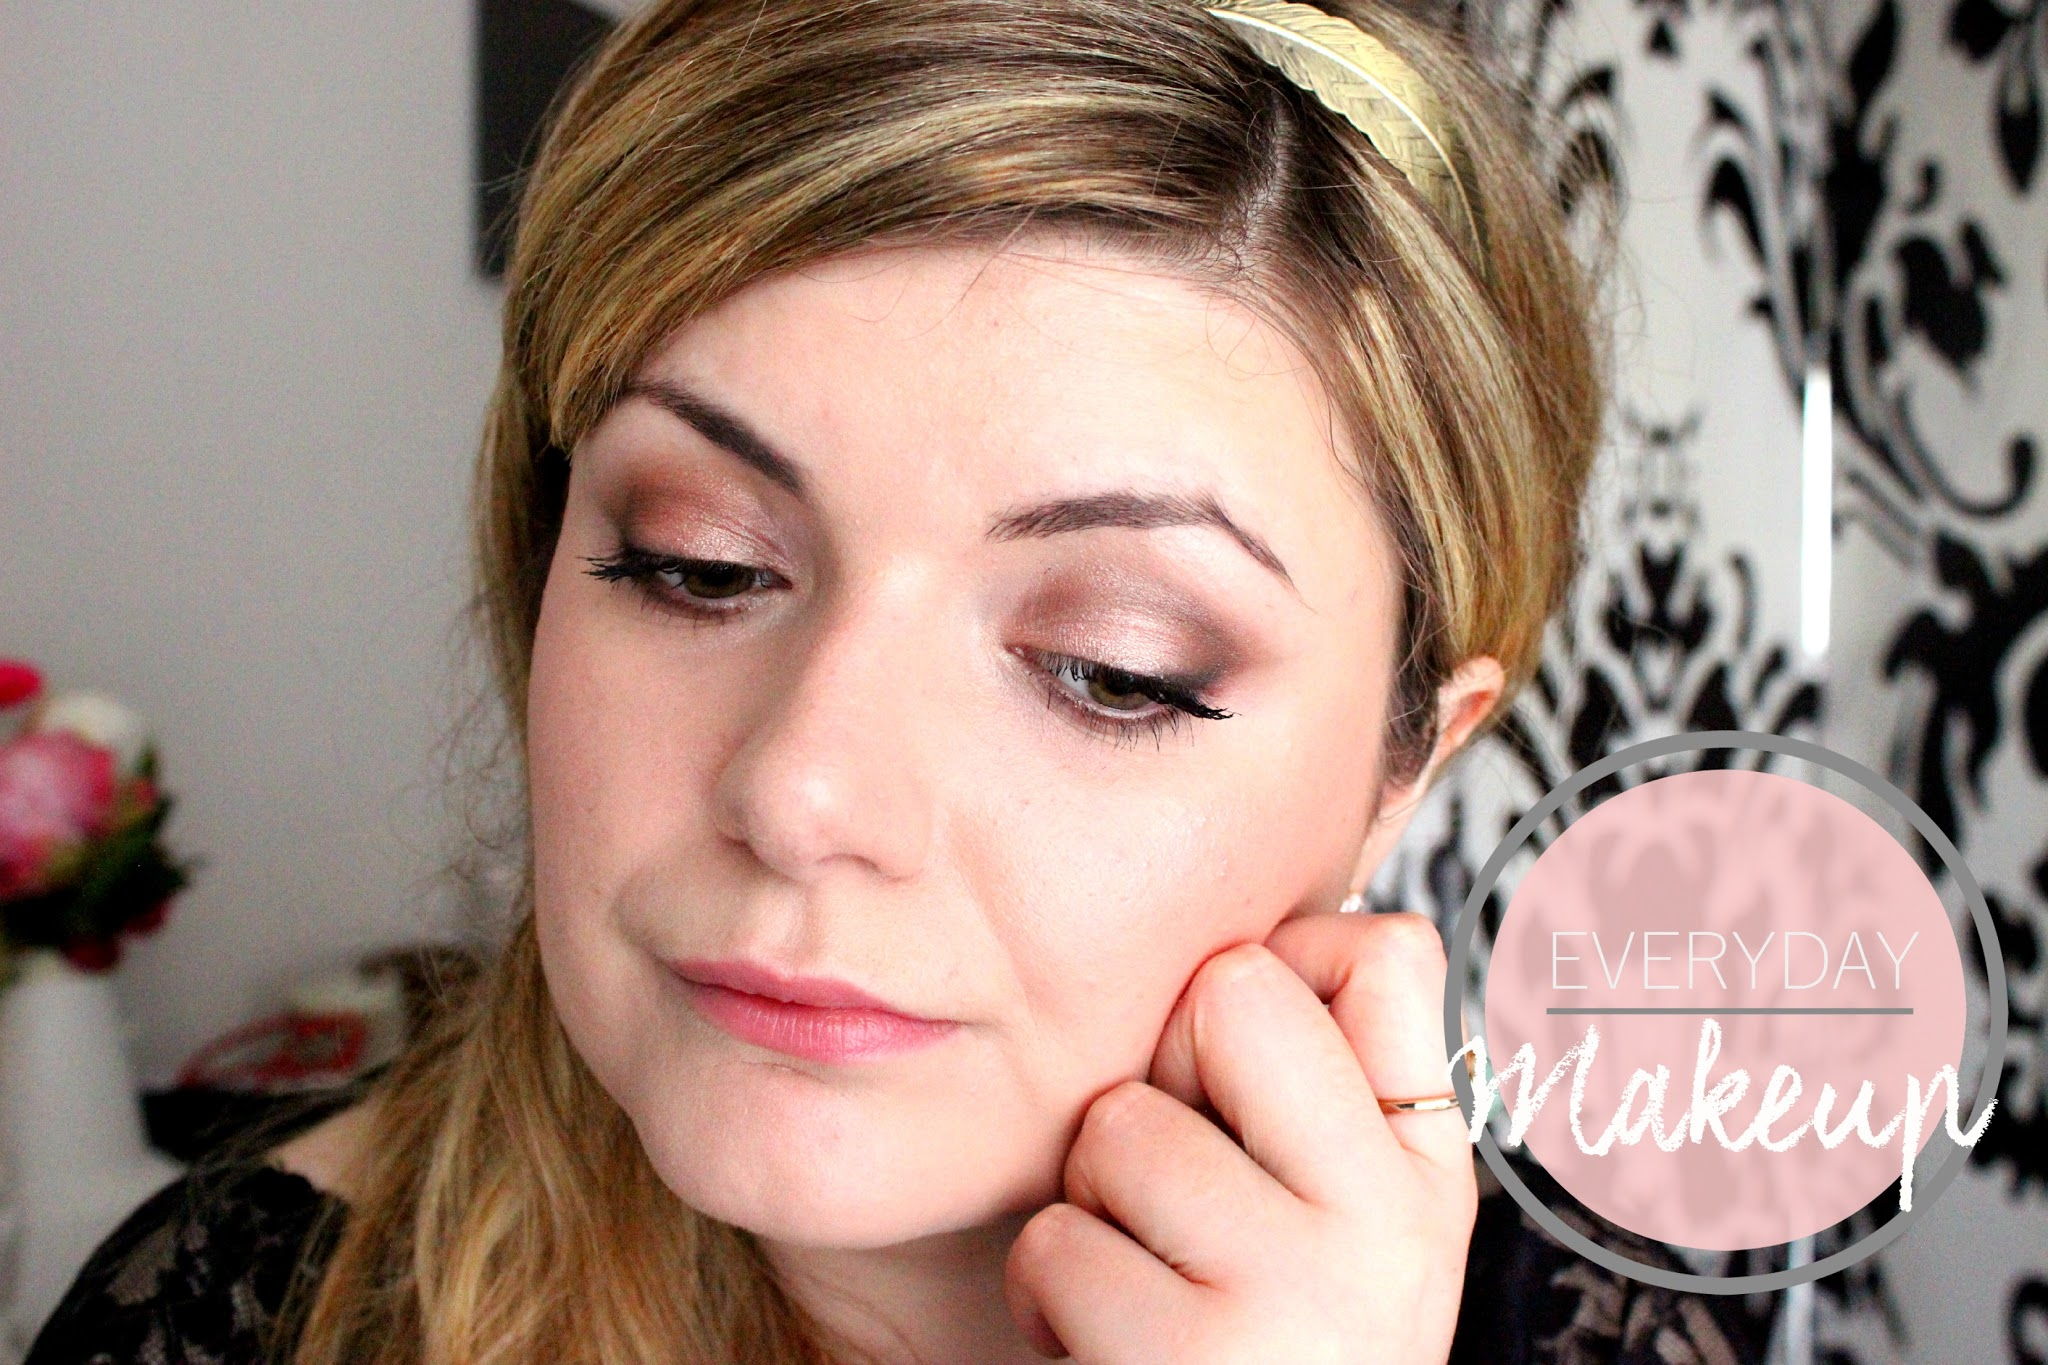 maquillage simple et facile pour tous les jours avec la chocolate bar de Too Faced